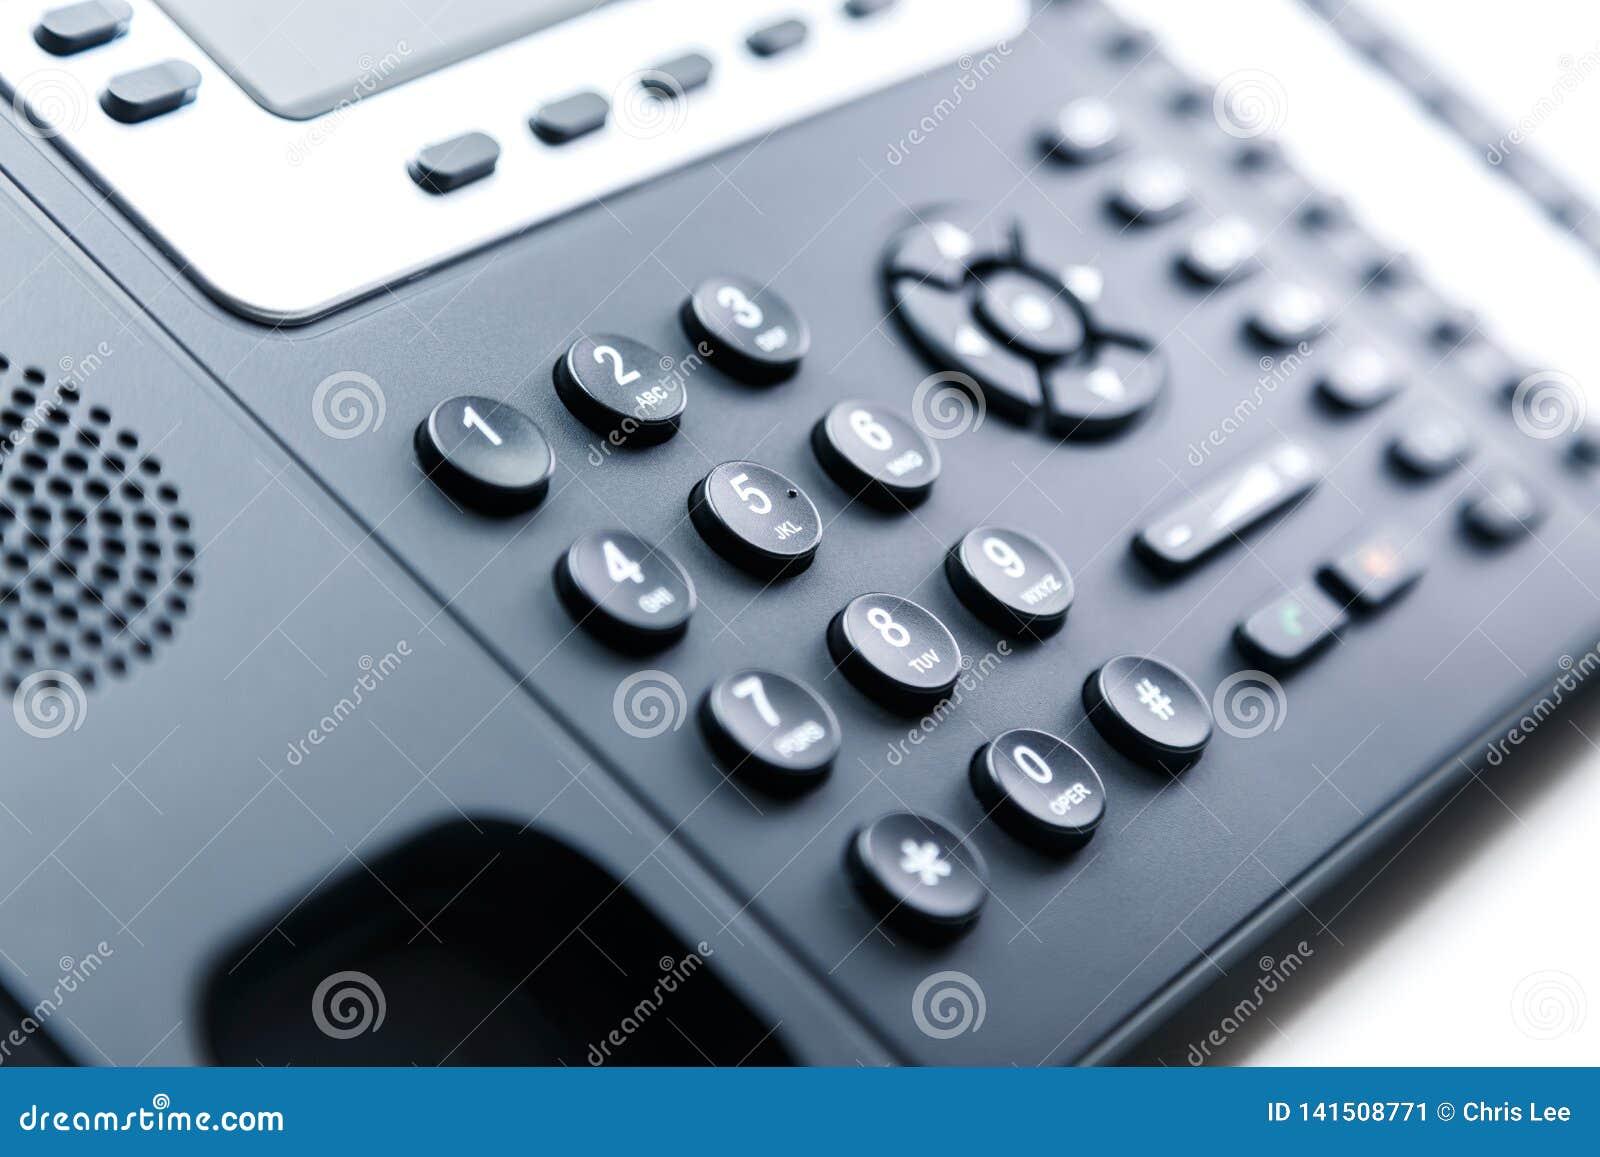 Close up - Telephone keypad